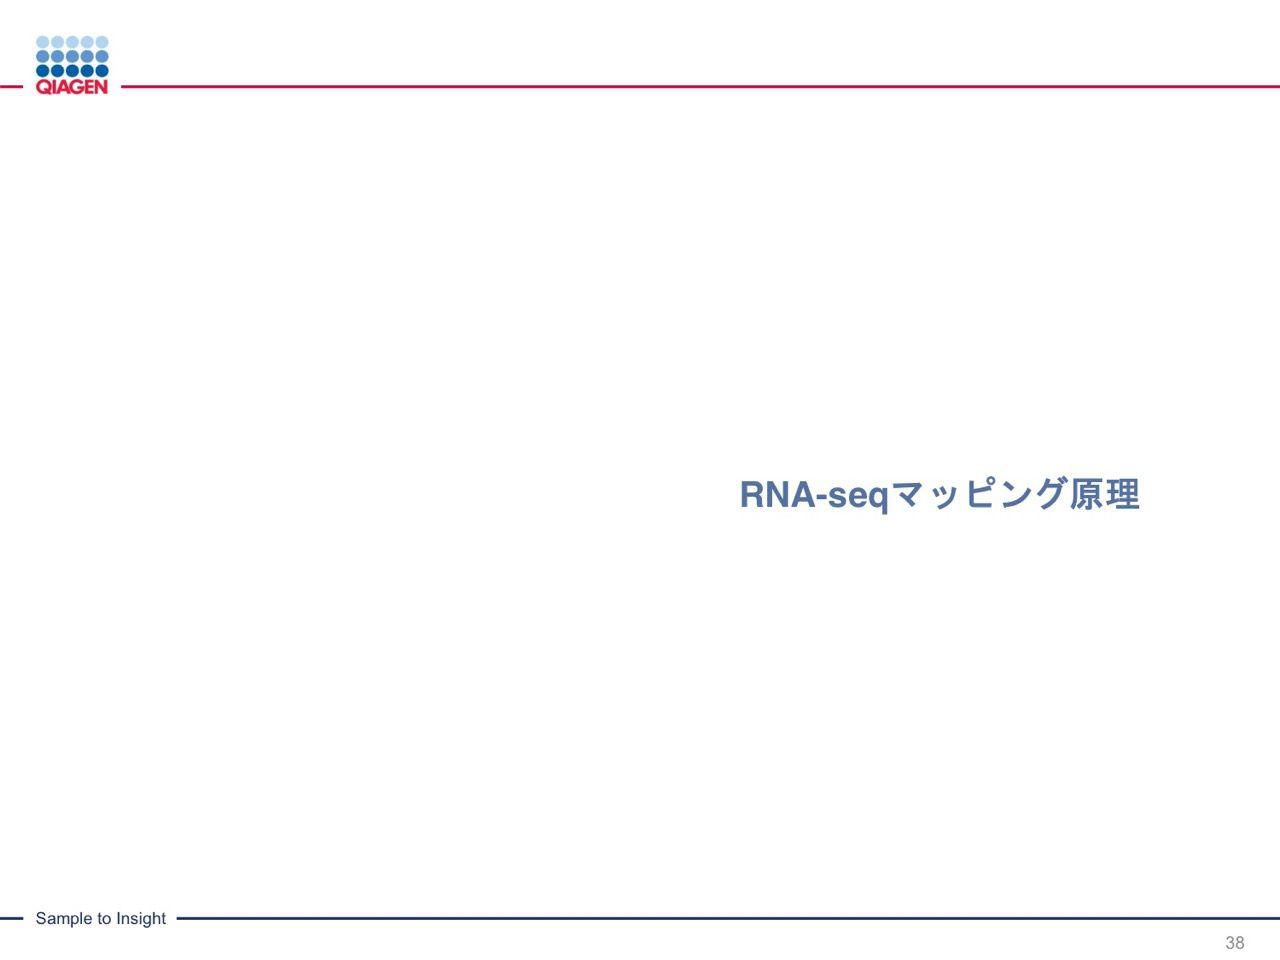 images/AJACSa2_miyamoto_038.jpg